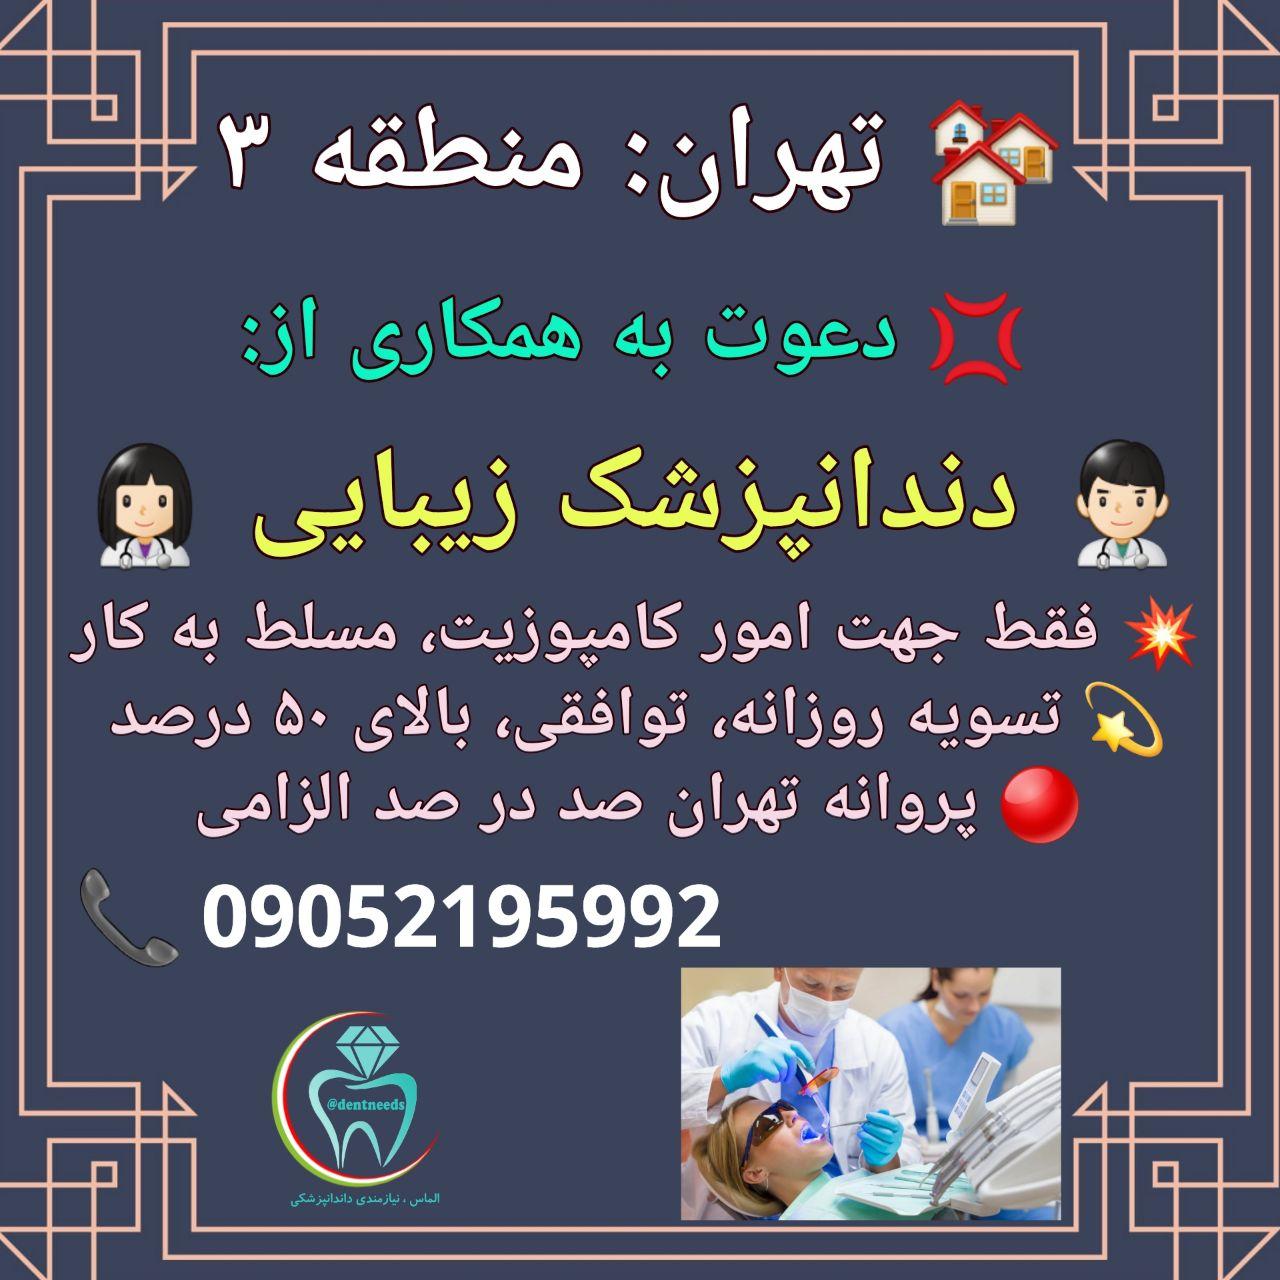 تهران: منطقه ۳، دعوت به همکاری از دندانپزشک زیبایی